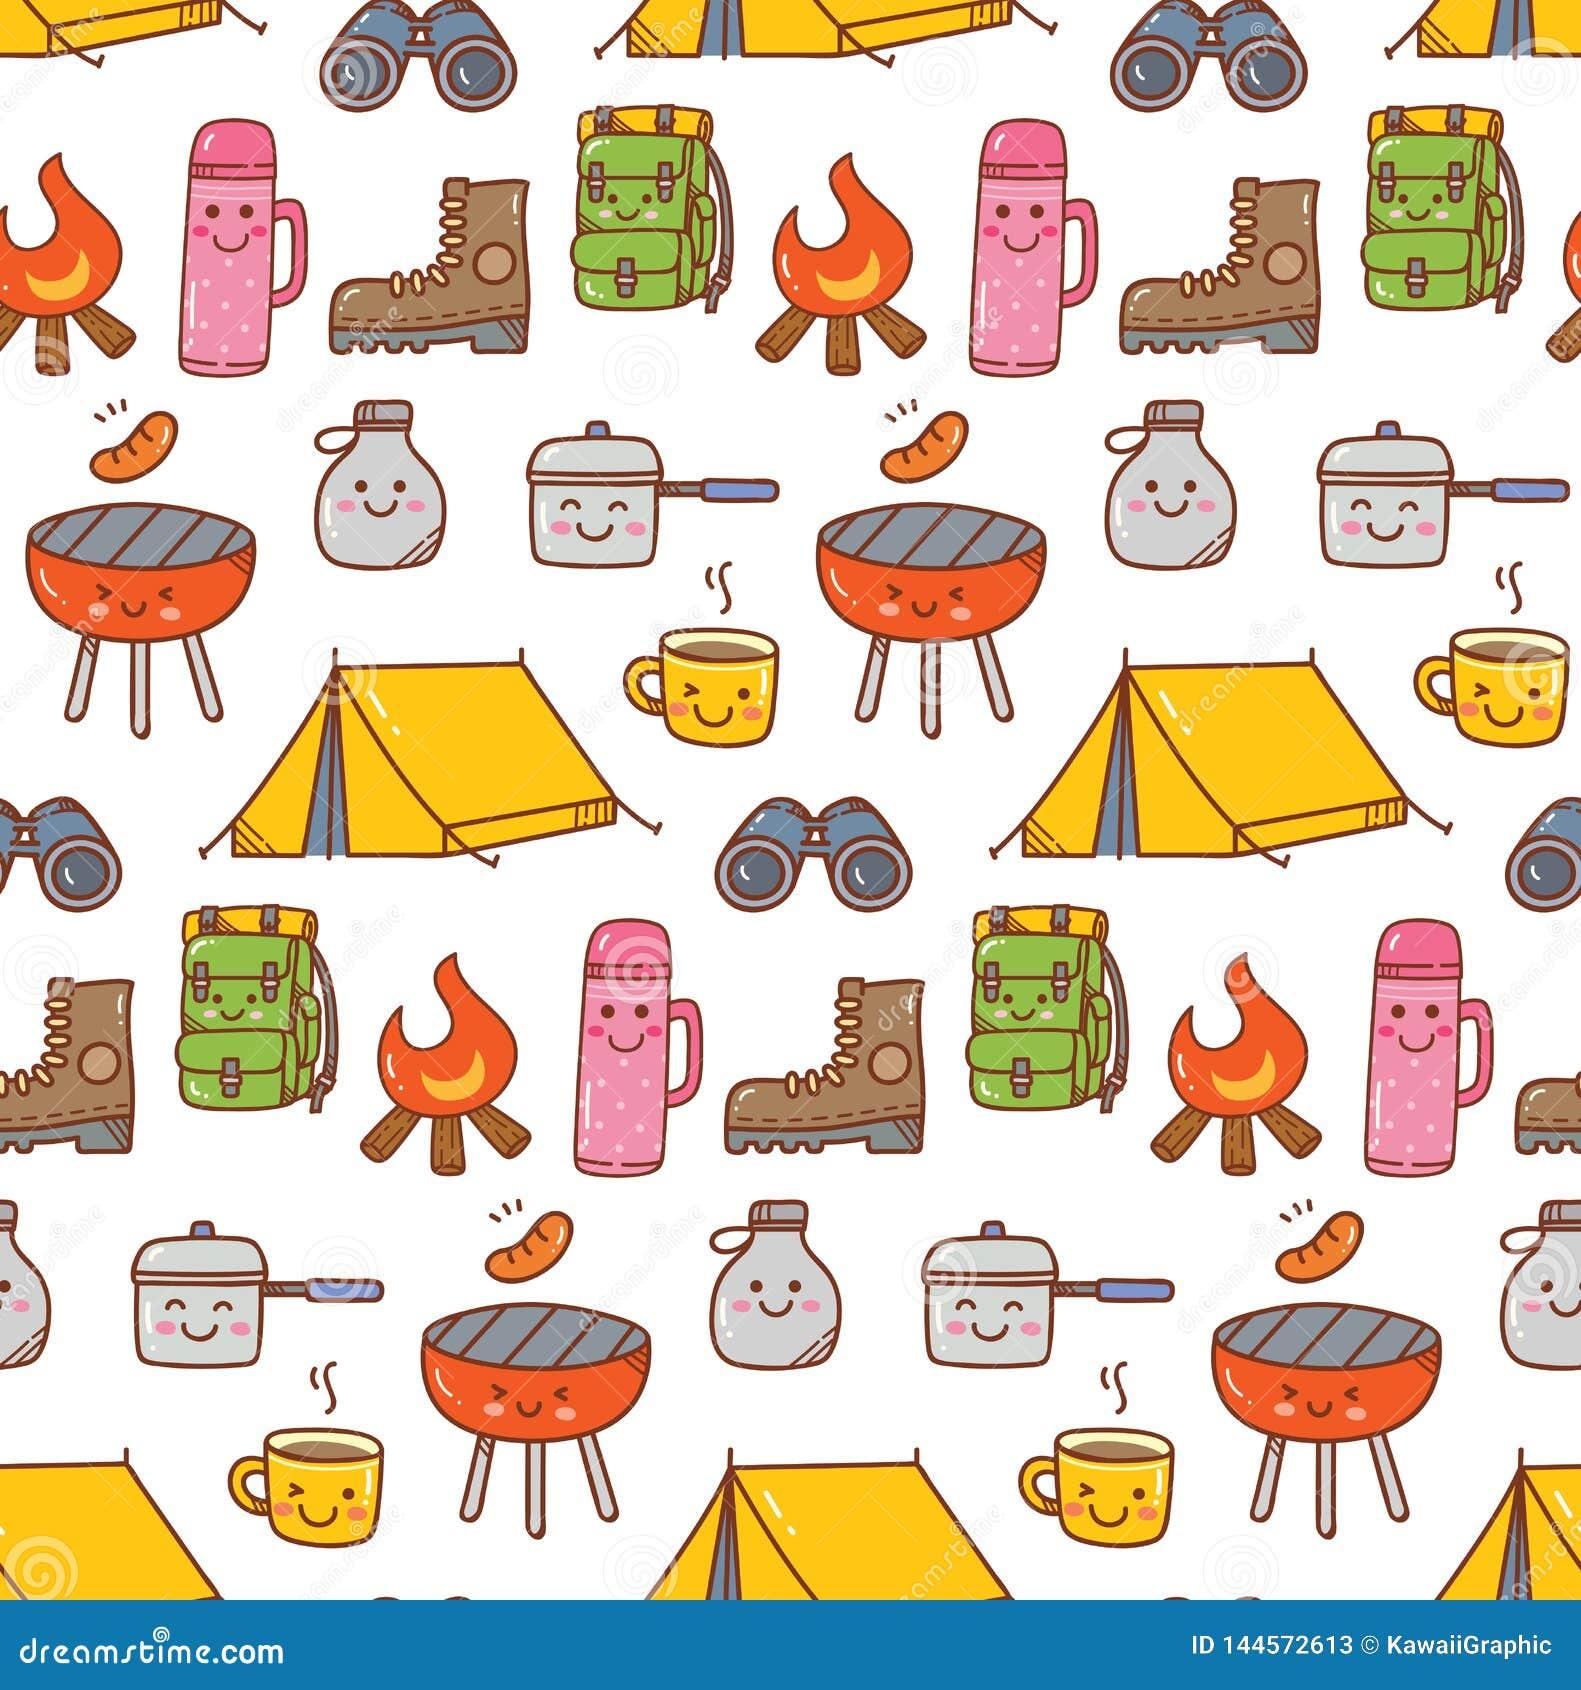 Camping stuff kawaii doodle seamless background